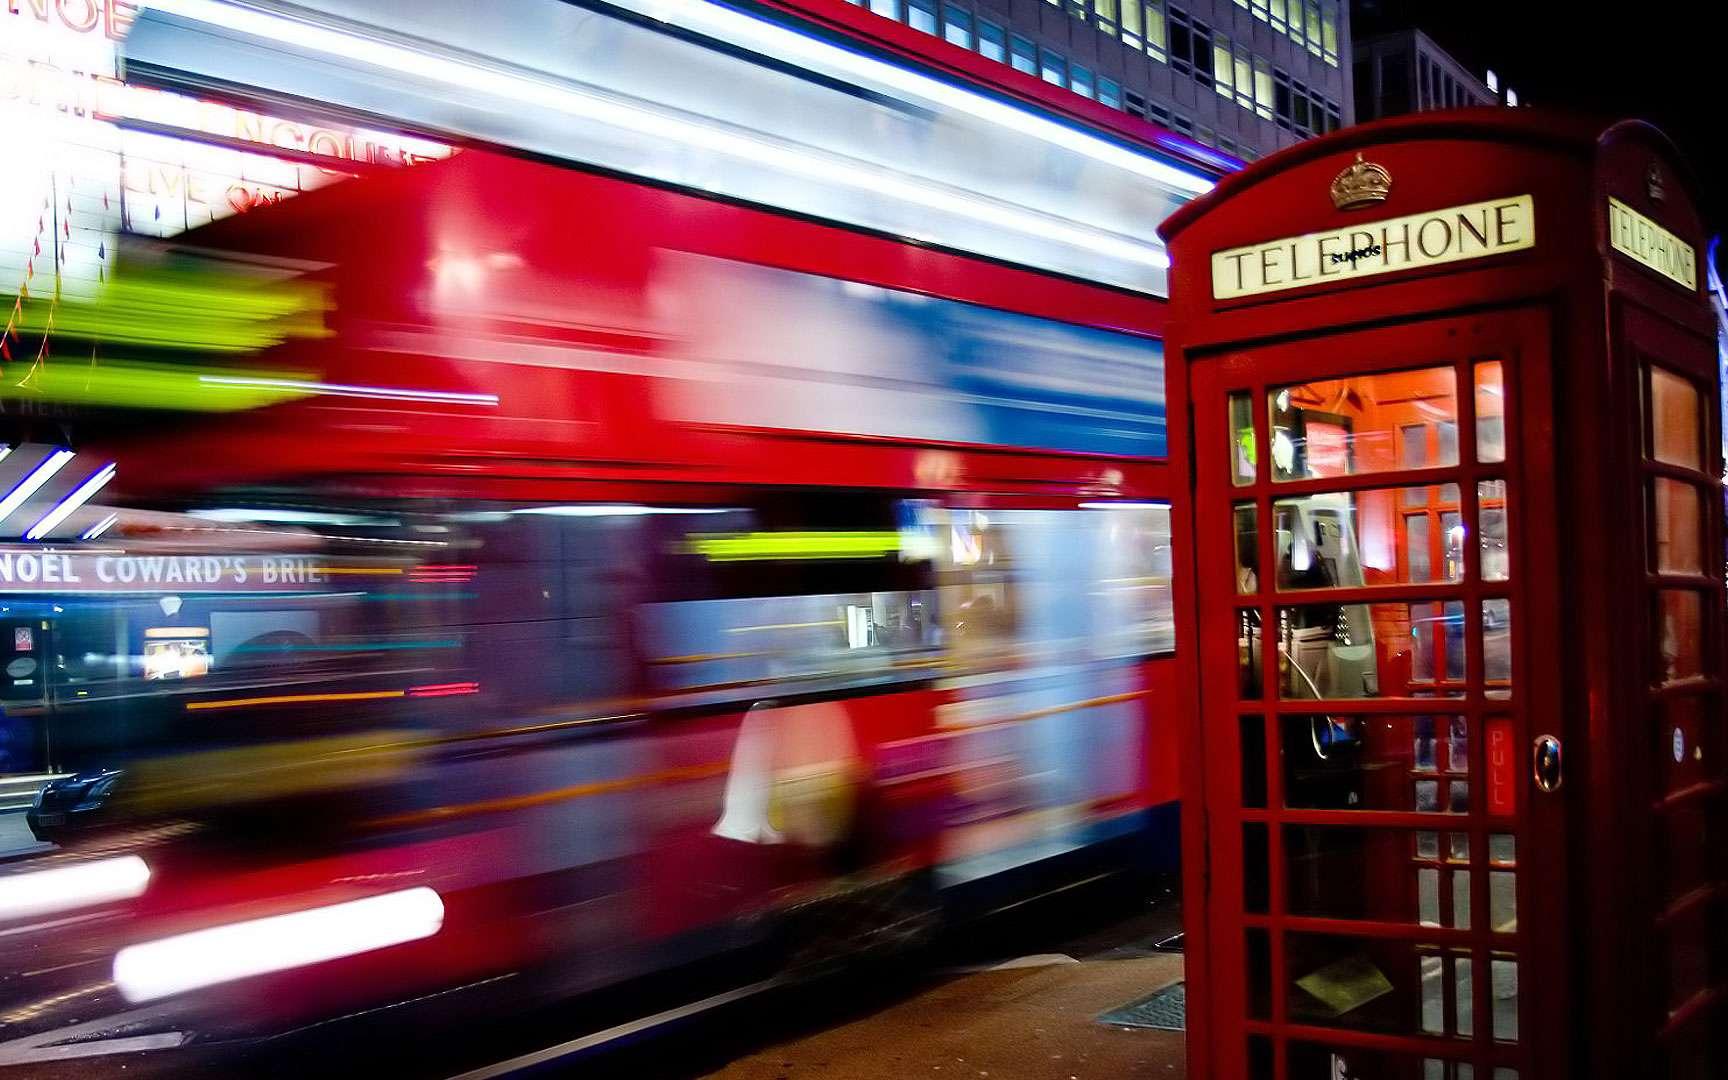 La pollution lumineuse à Londres. Nous sommes tellement habitués à la pollution lumineuse que nous ne nous rendons même plus compte qu'elle perturbe notre rythme biologique. ©E01, Wikimedia Commons, CC by-sa 2.0